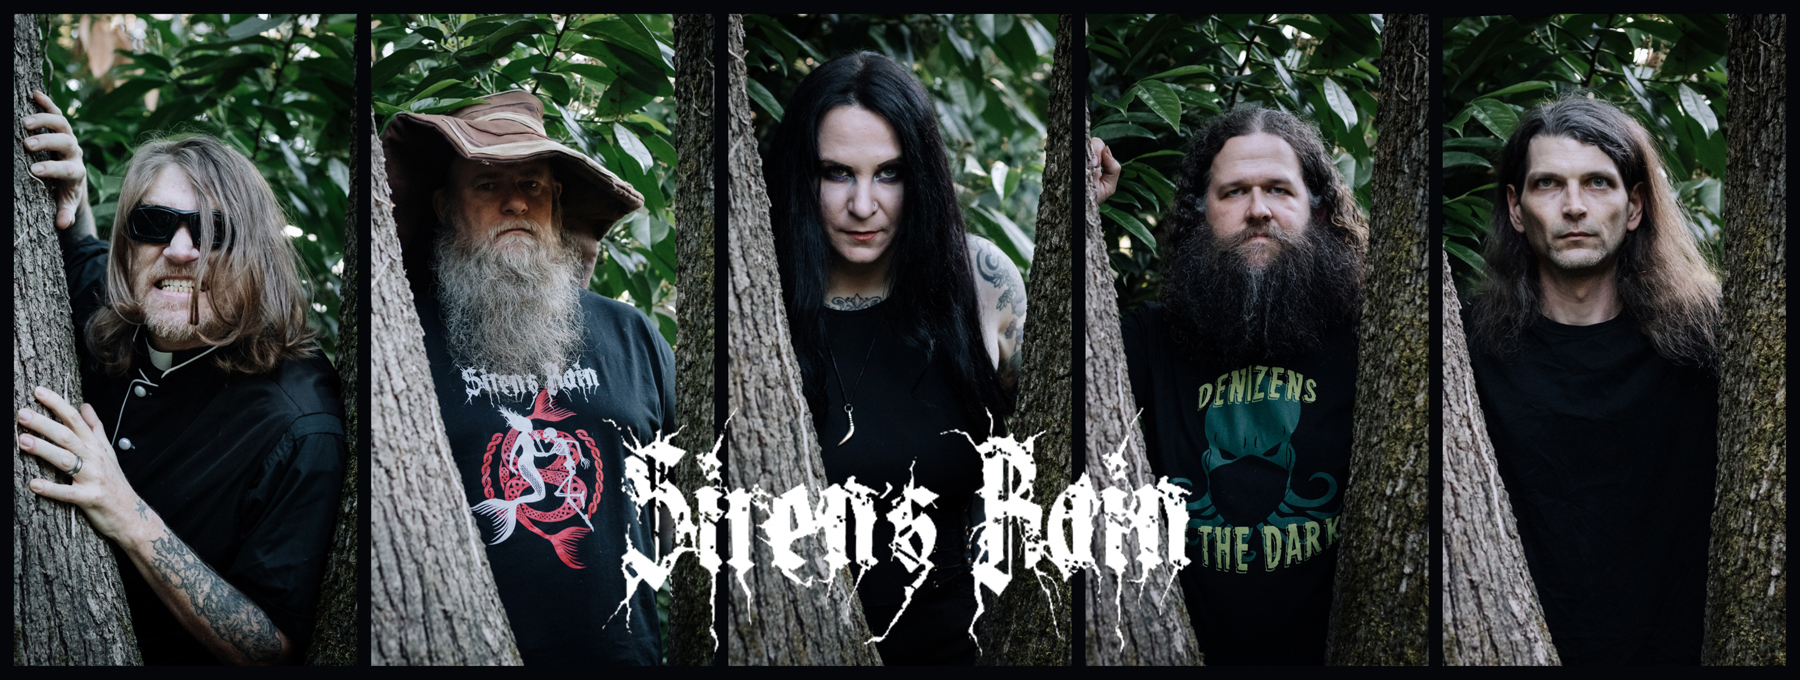 SIREN'S RAIN band